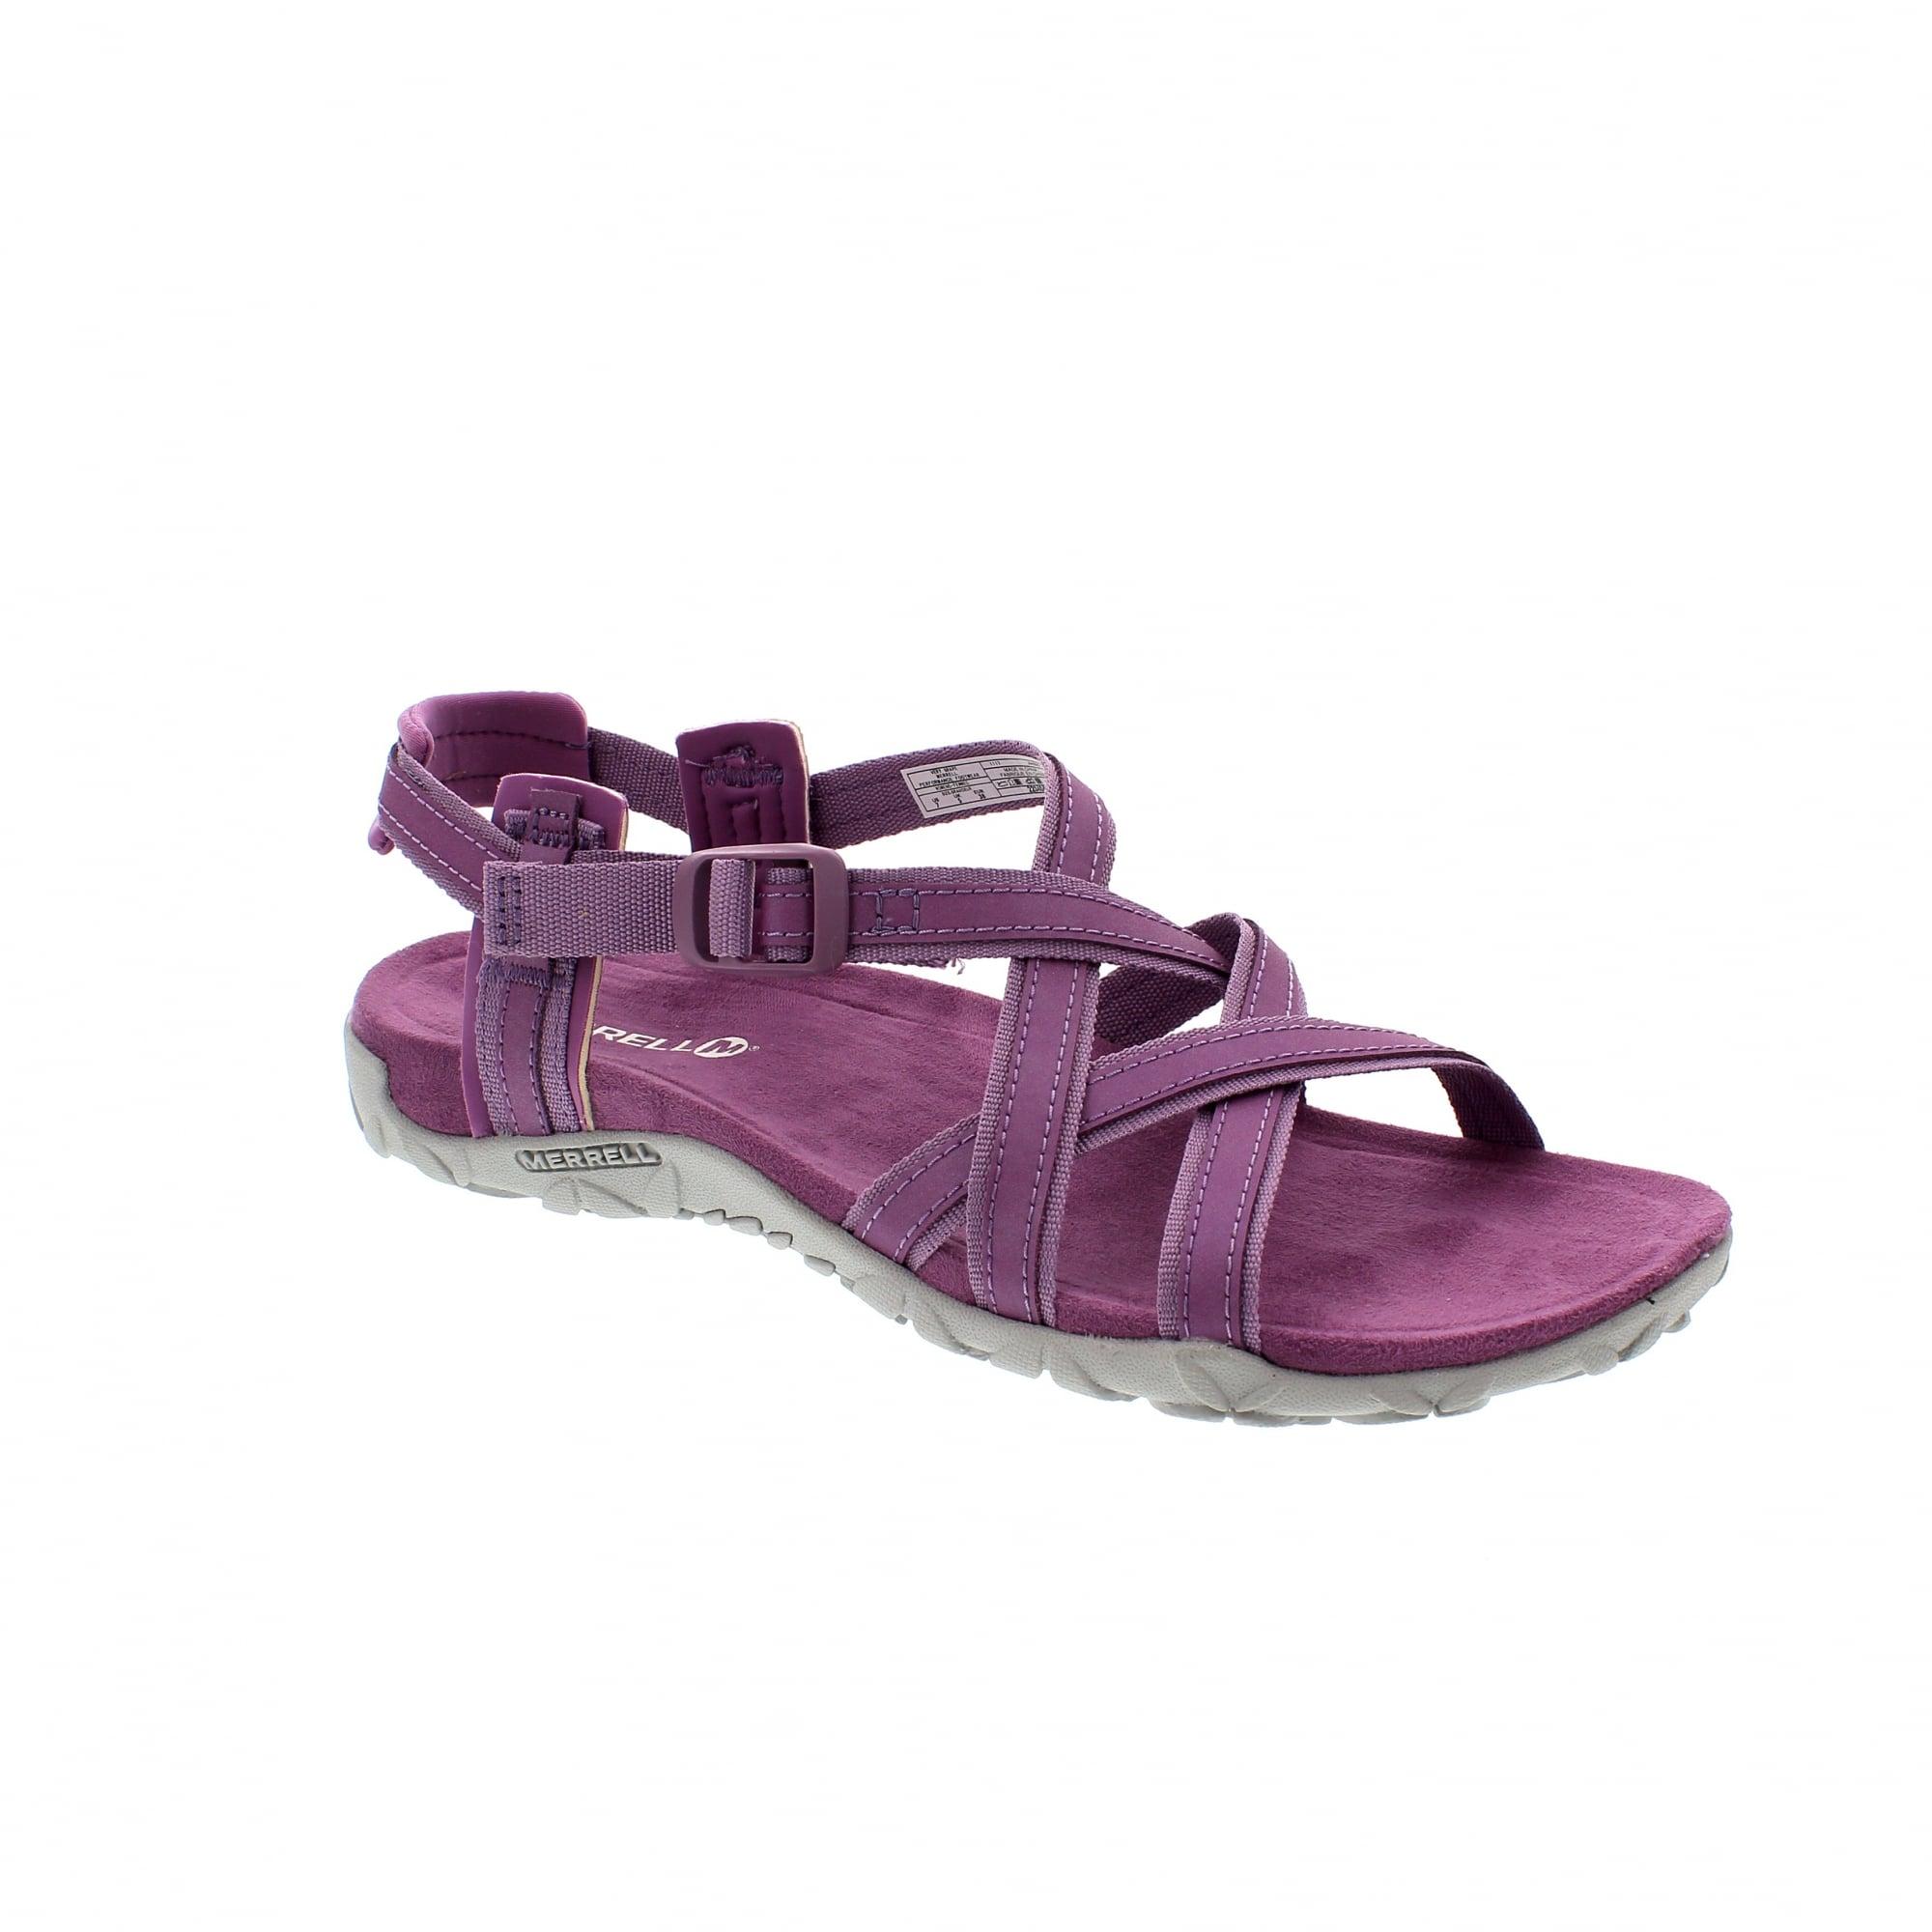 4682bfd186 Merrell Terran Ari Lattice J94026 Womens Walking Sandals